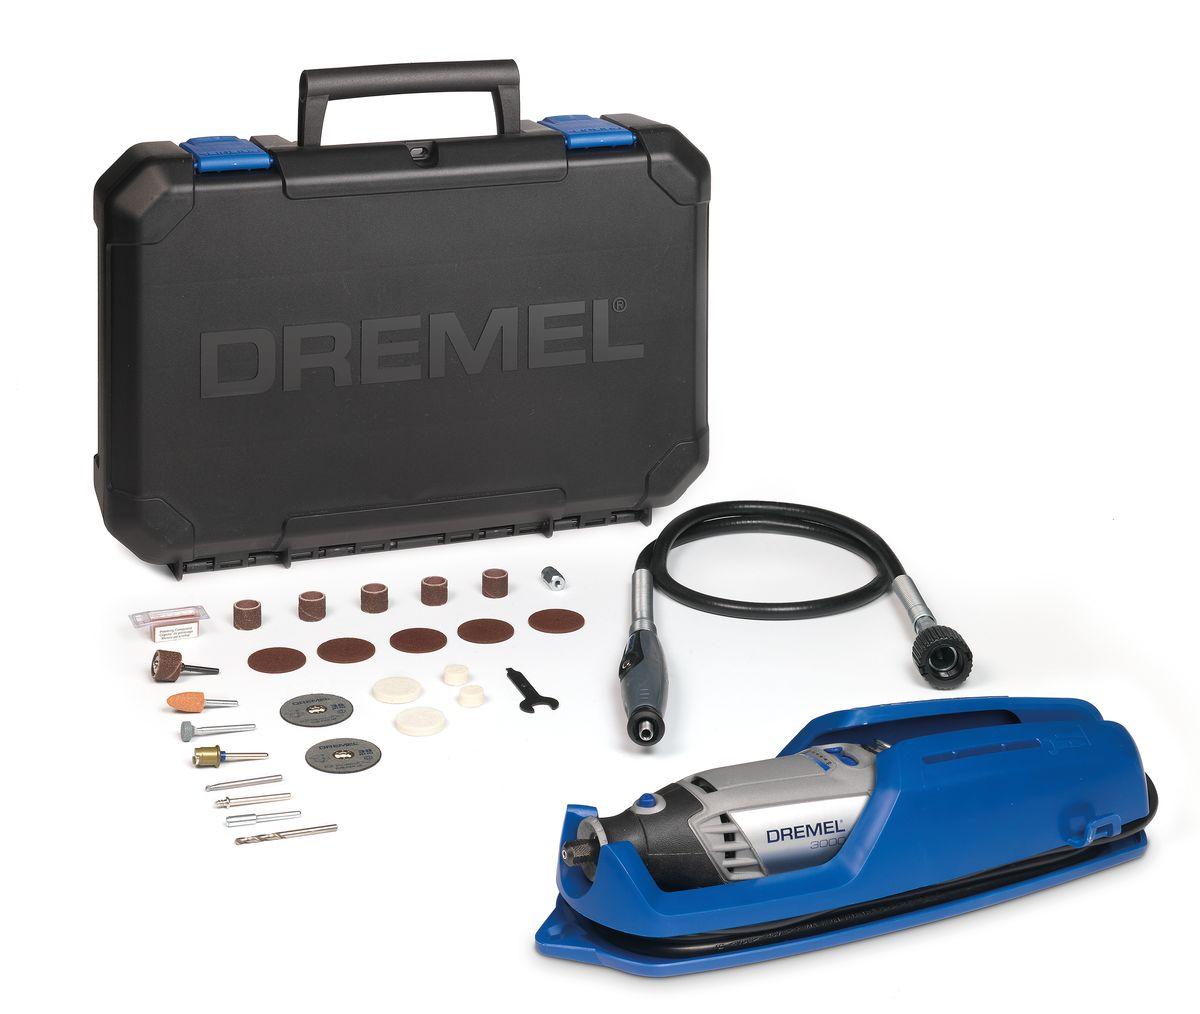 Многофункциональный инструмент Dremel 3000 - 1/25F0133000JTDremel 3000 – идеальный многофункциональный инструмент с новым инновационным наконечником EZ Twist. Благодаря этой новой функции для затягивания и ослабления цанги при смене насадок больше не нужен ключ – механизм ключа встроен в наконечник инструмента. Благодаря легкому корпусу инструмент удобен и прост в использовании. Вы почувствуете все преимущества многофункциональных насадок Dremel, выполняя различные точные работы, такие как резка металла, шлифование камня и дерева, сверление стекла и полирование различных материалов. Данный инструмент Dremel сочетает в себе отличное качество и привлекательную стоимость. Регулируемая скорость 10 000-33 000 об/мин: гарантирует комфортную работу и лучший контроль при ведении инструмента. Цанговый зажим: для легкой смены насадок. Инновационный наконечник EZ Twist: для смены насадок не требуется ключ. Встроенная петля: подвесьте инструмент на держатель недалеко от вашего рабочего места. Сменные щетки. Двигатель мощностью 130 Вт: оптимальная производительность. Рукоятка с мягкой накладкой: минимум вибраций и удобство в работе. Комплектация: Dremel 3000 25 высококачественных насадок Dremel (включая насадки EZ SpeedClic) Гибкий вал (225) Инструкция по эксплуатации Вместительный и прочный кейс для хранения, со съемным лотком для насадок В комплект входит уникальная подставка для крепления инструмента, упрощающая хранение вашего инструмента Технические характеристики: Входная номинальная мощность: 130 Вт Напряжение: 230 В Вес: 0,55 кг Длина: 19 см Частота вращения на холостом ходу: 10.000 33.000 об/мин Регулировка скорости: Переменная Система быстрой замены насадок: Да: EZ TwistКак выбрать мультитул. Статья OZON Гид